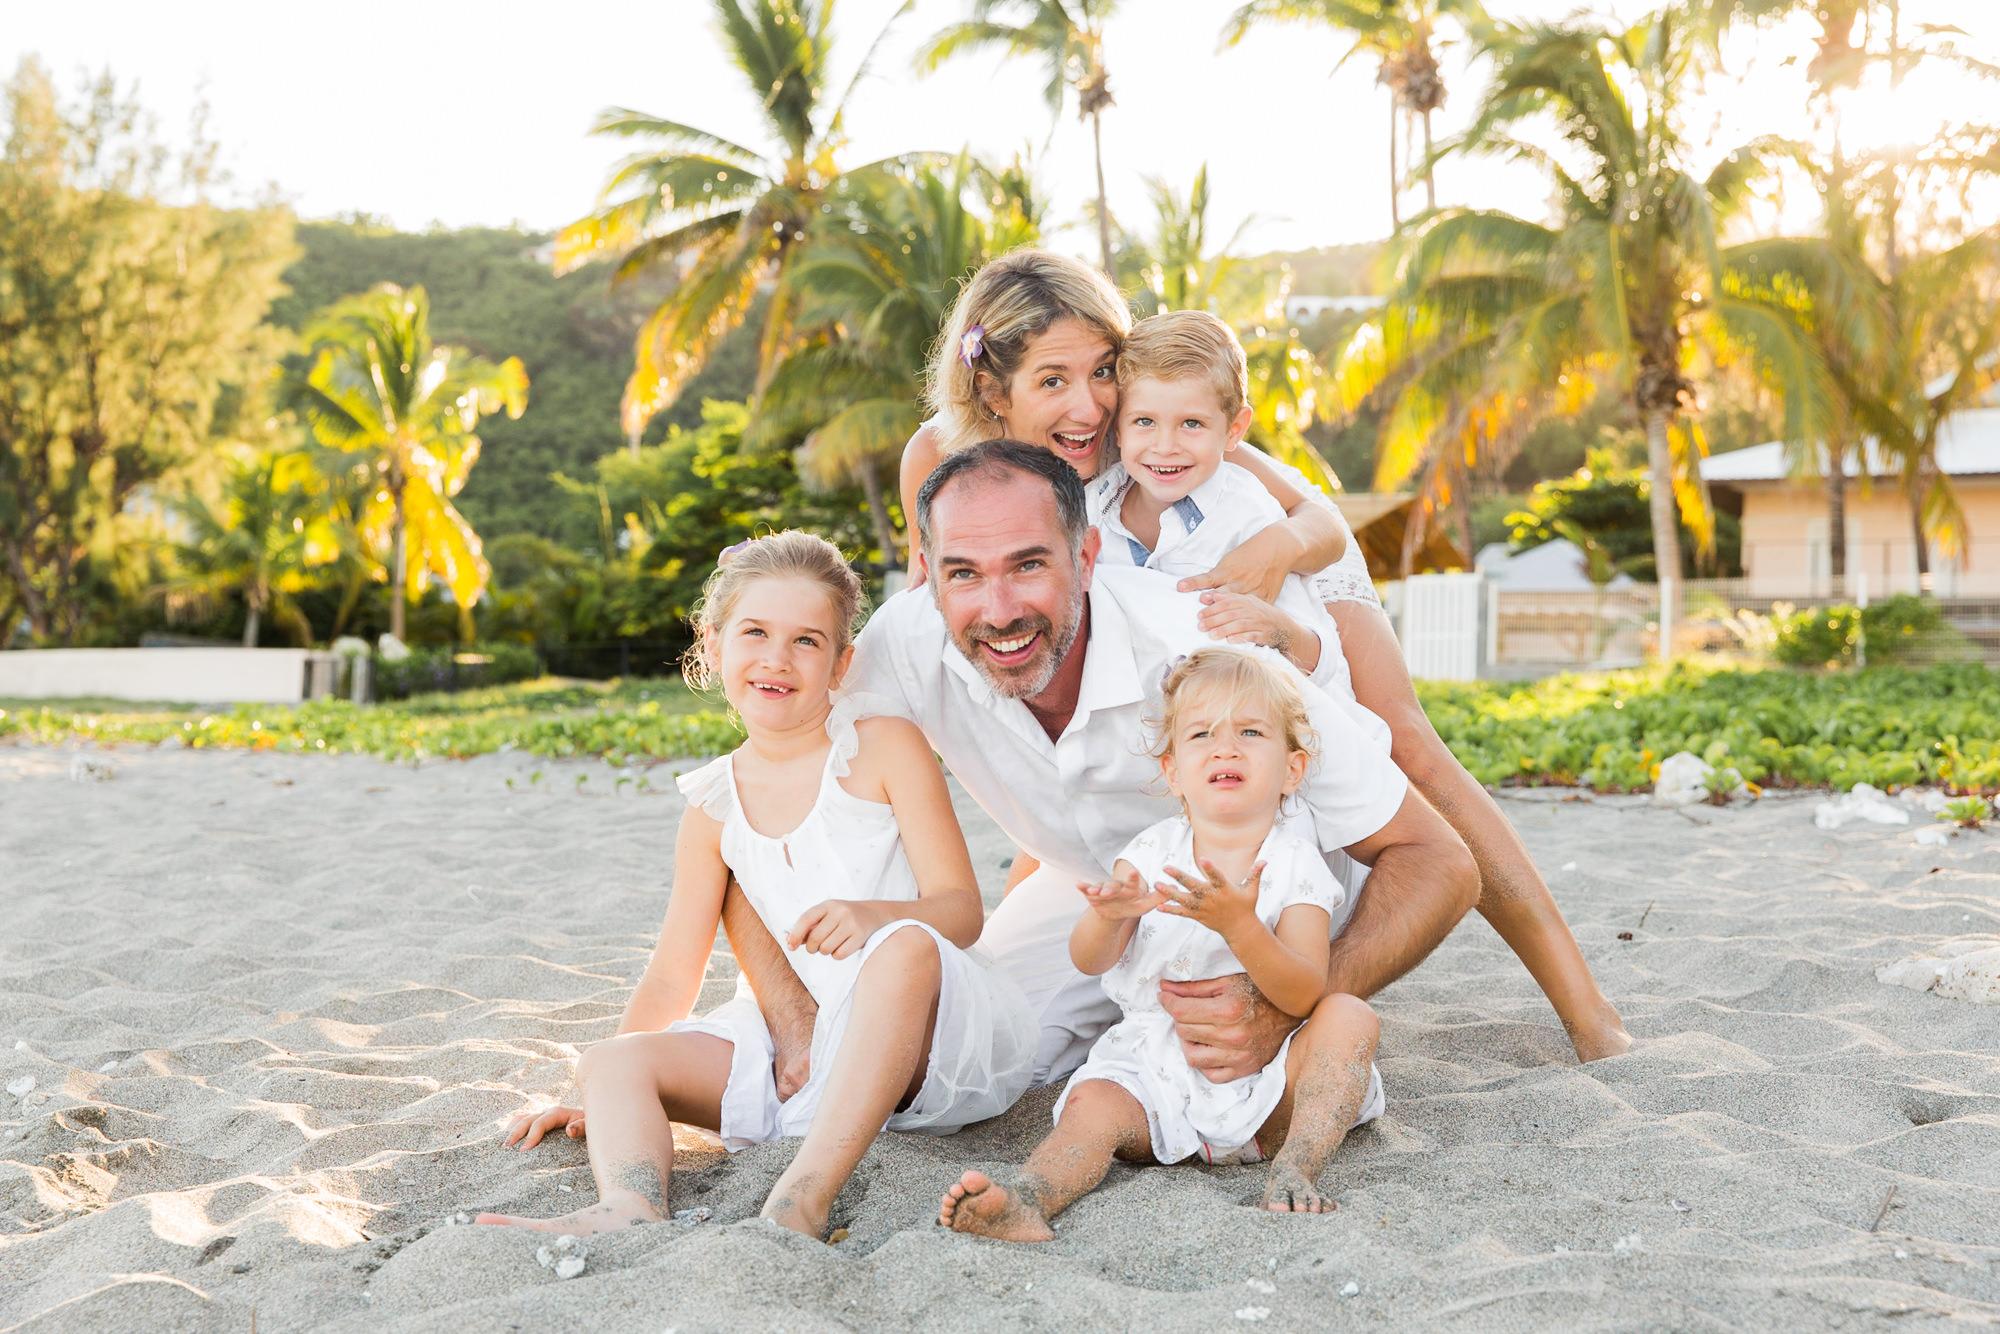 famille-enfant-plage-shooting-seancephoto-photographe-reunion-saintgilles-saintpaul-lifestyle